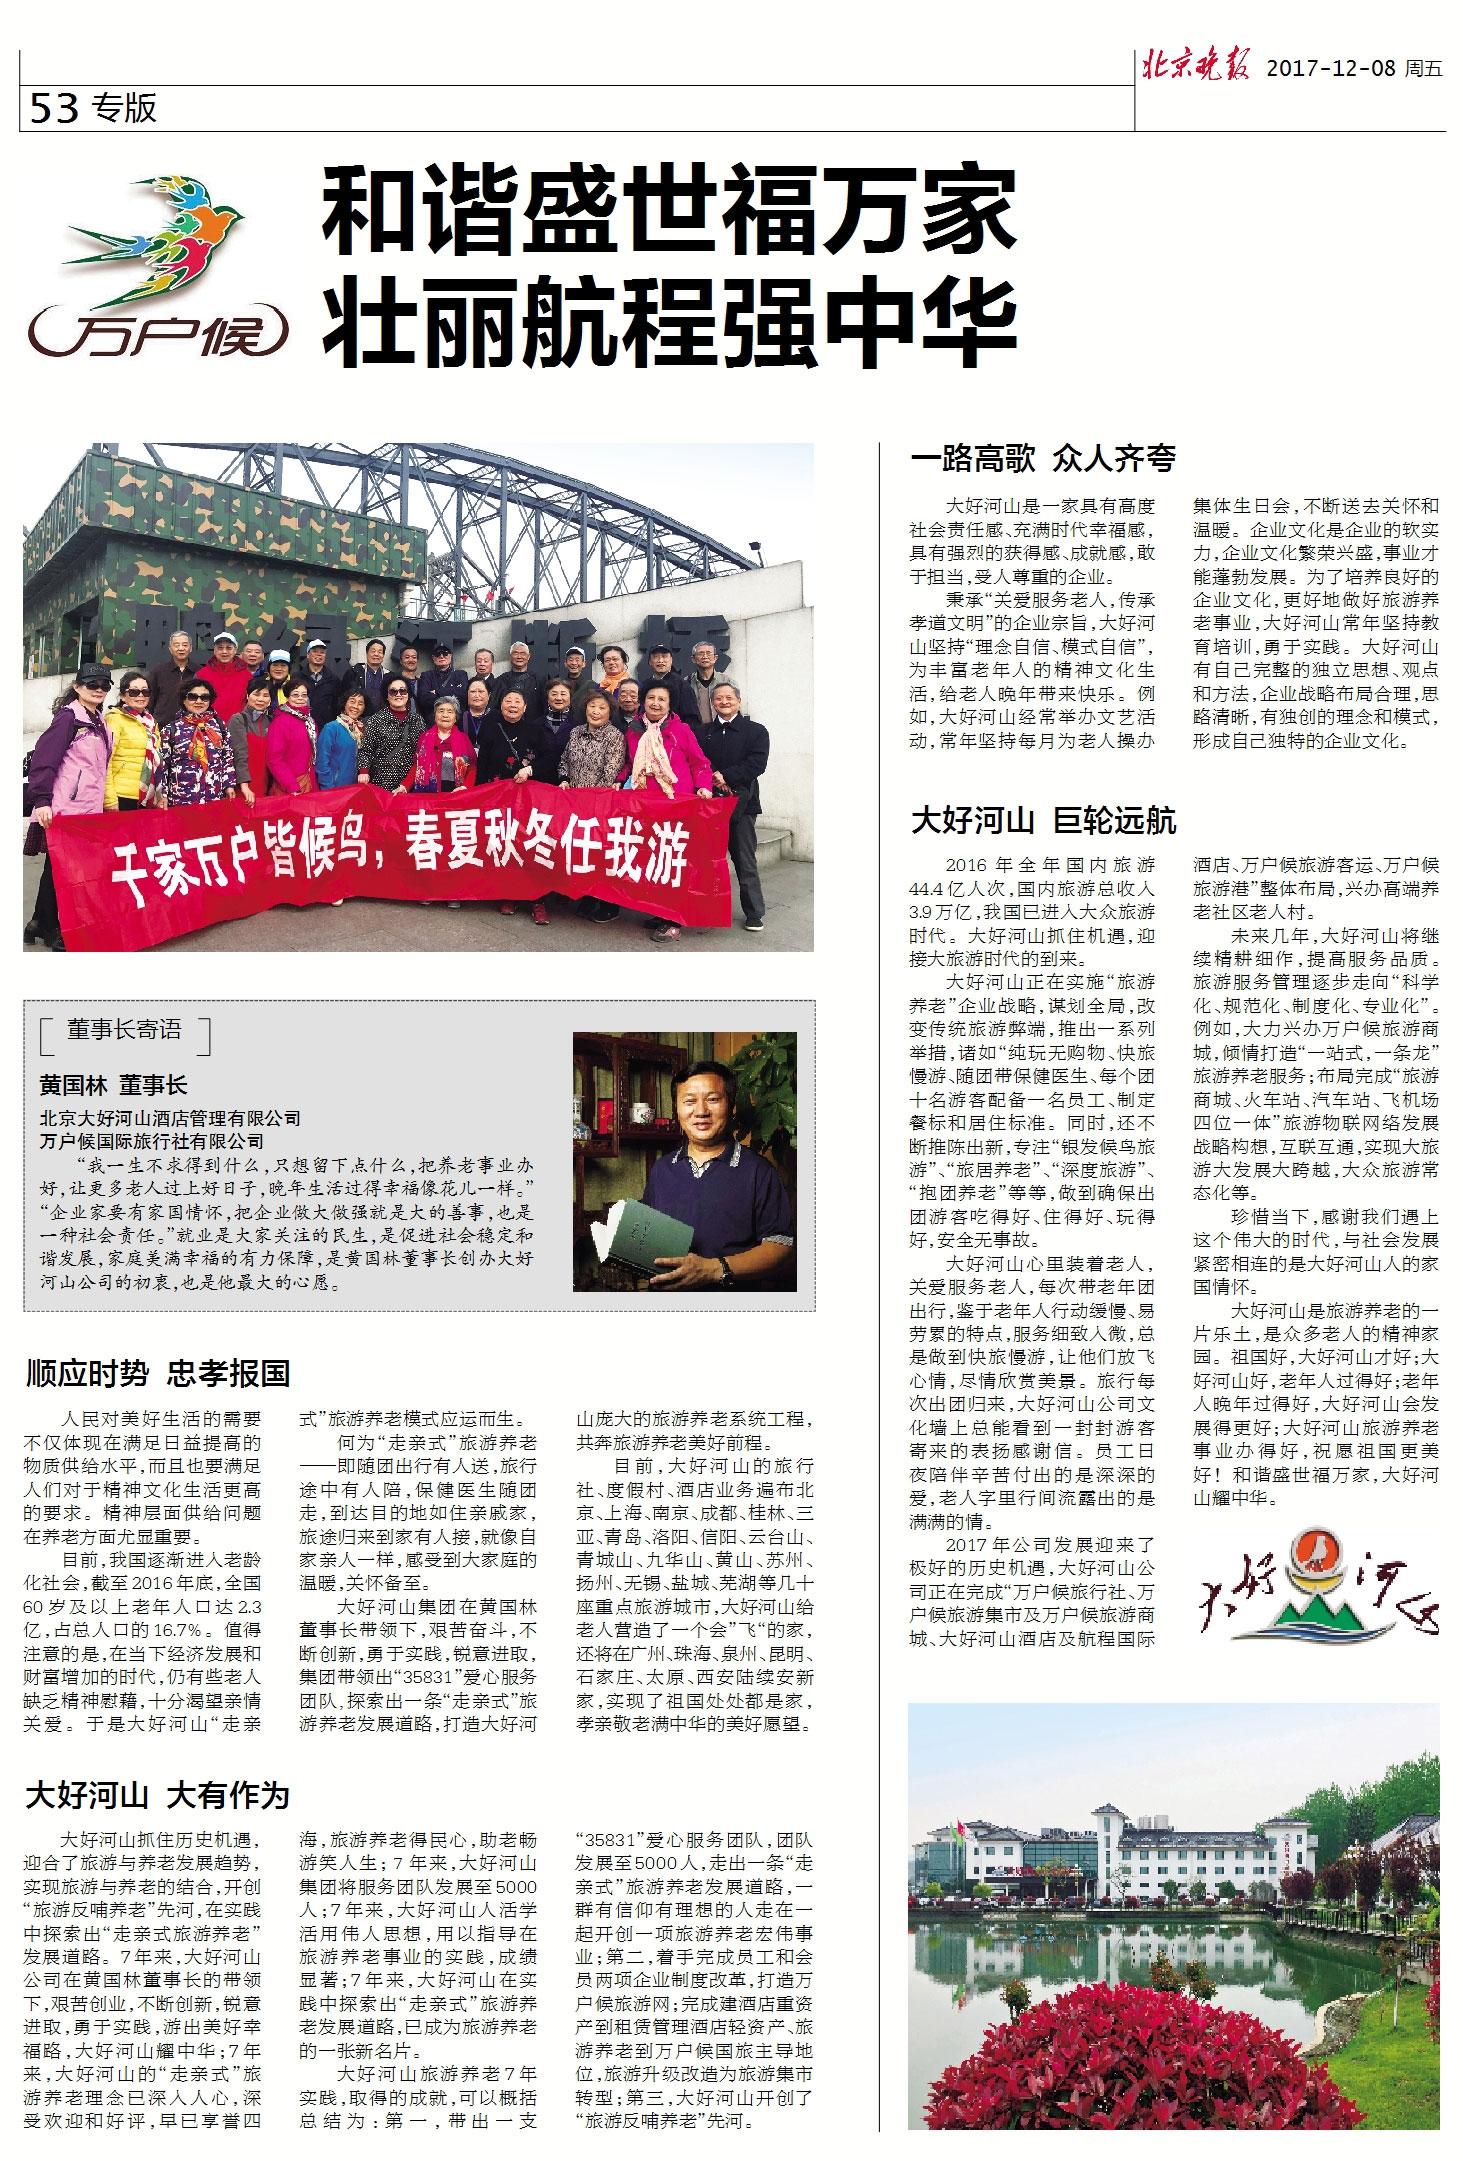 北京晚报 2017-12-08 专版53